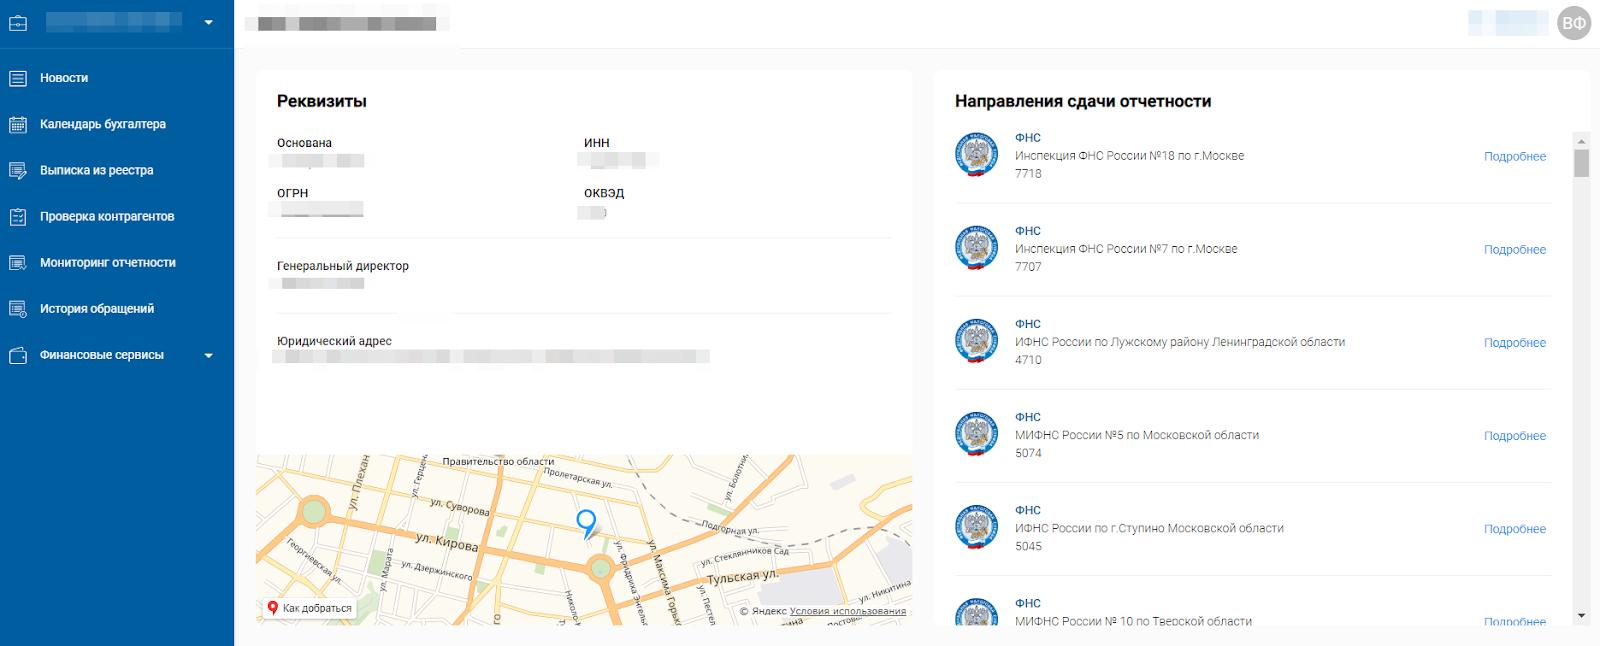 Отзывы об электронной отчетности астрал регистрация ооо без уставного капитала